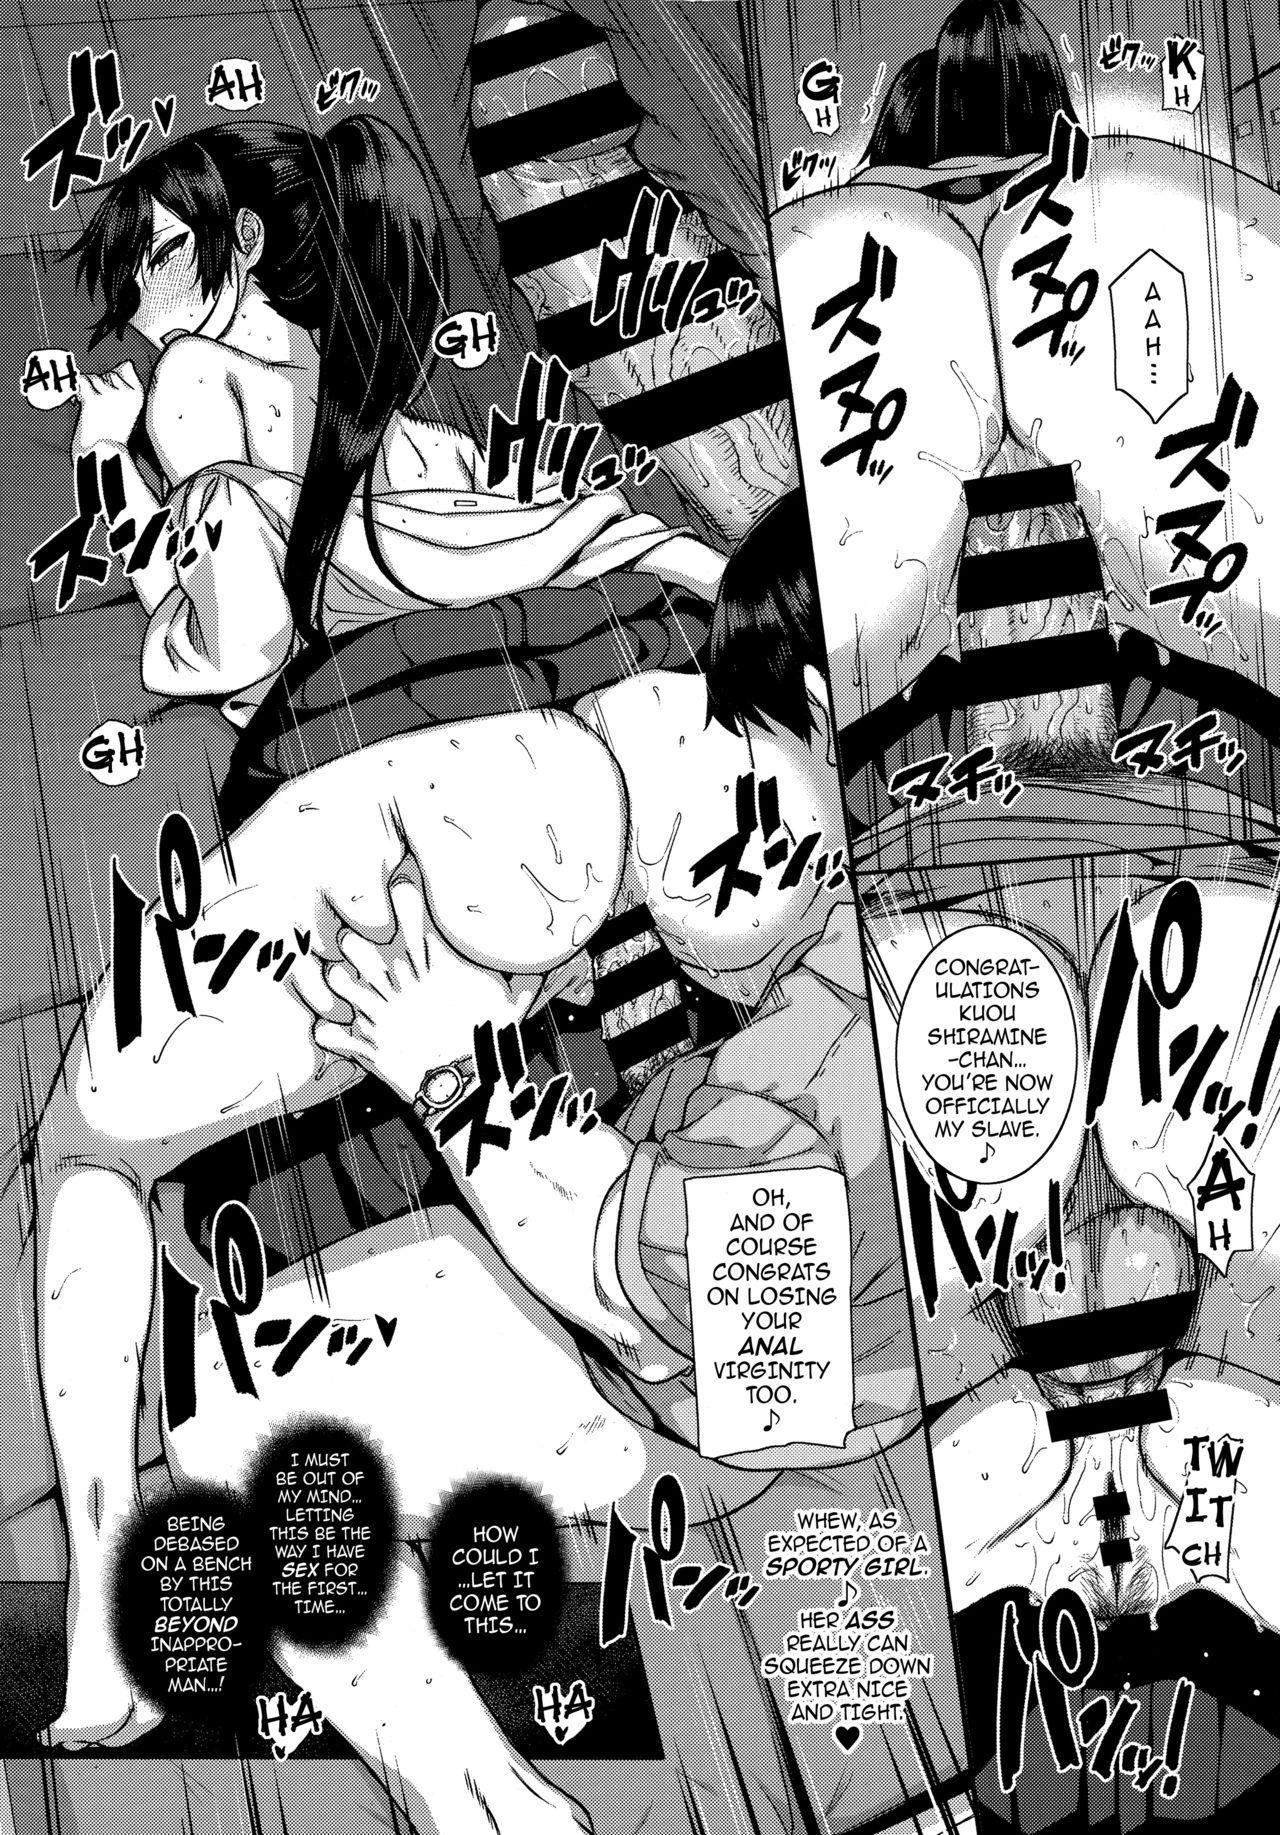 [Katsurai Yoshiaki] Amatsuka Gakuen no Ryoukan Seikatsu | Angel Academy's Hardcore Dorm Sex Life 1-2, 3.5-5 [English] {darknight} [Digital] 139